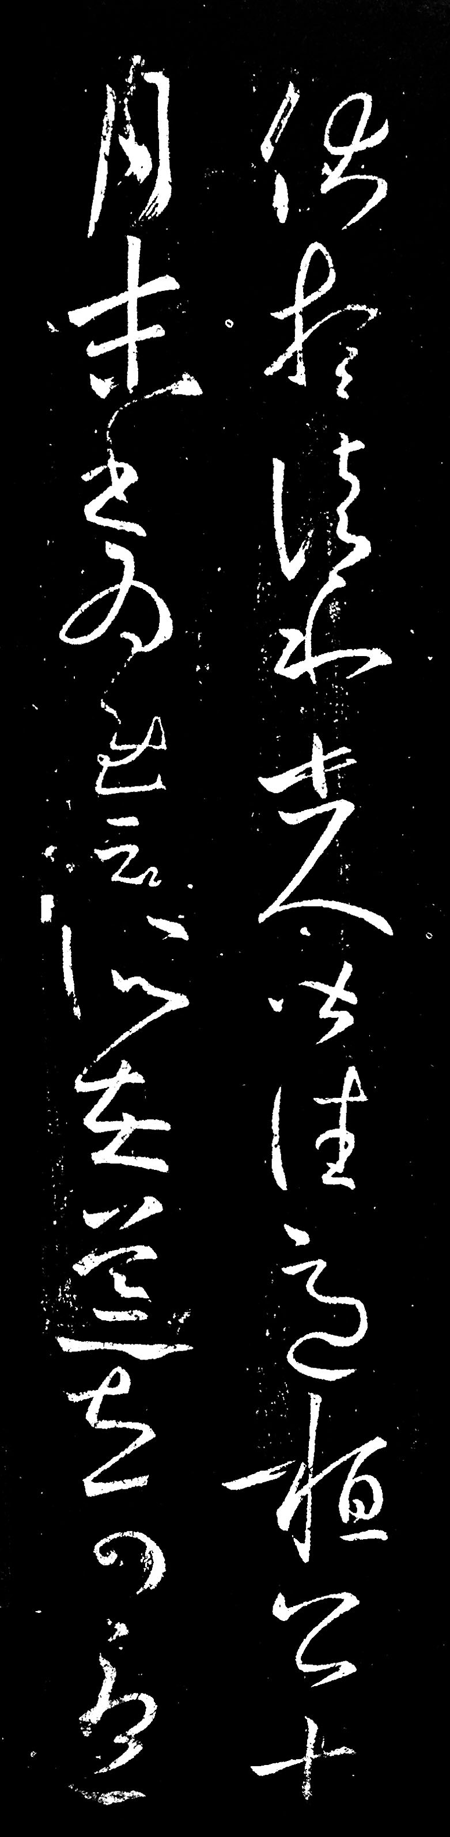 图1 (传)王羲之《伏想清和帖》(局部).png